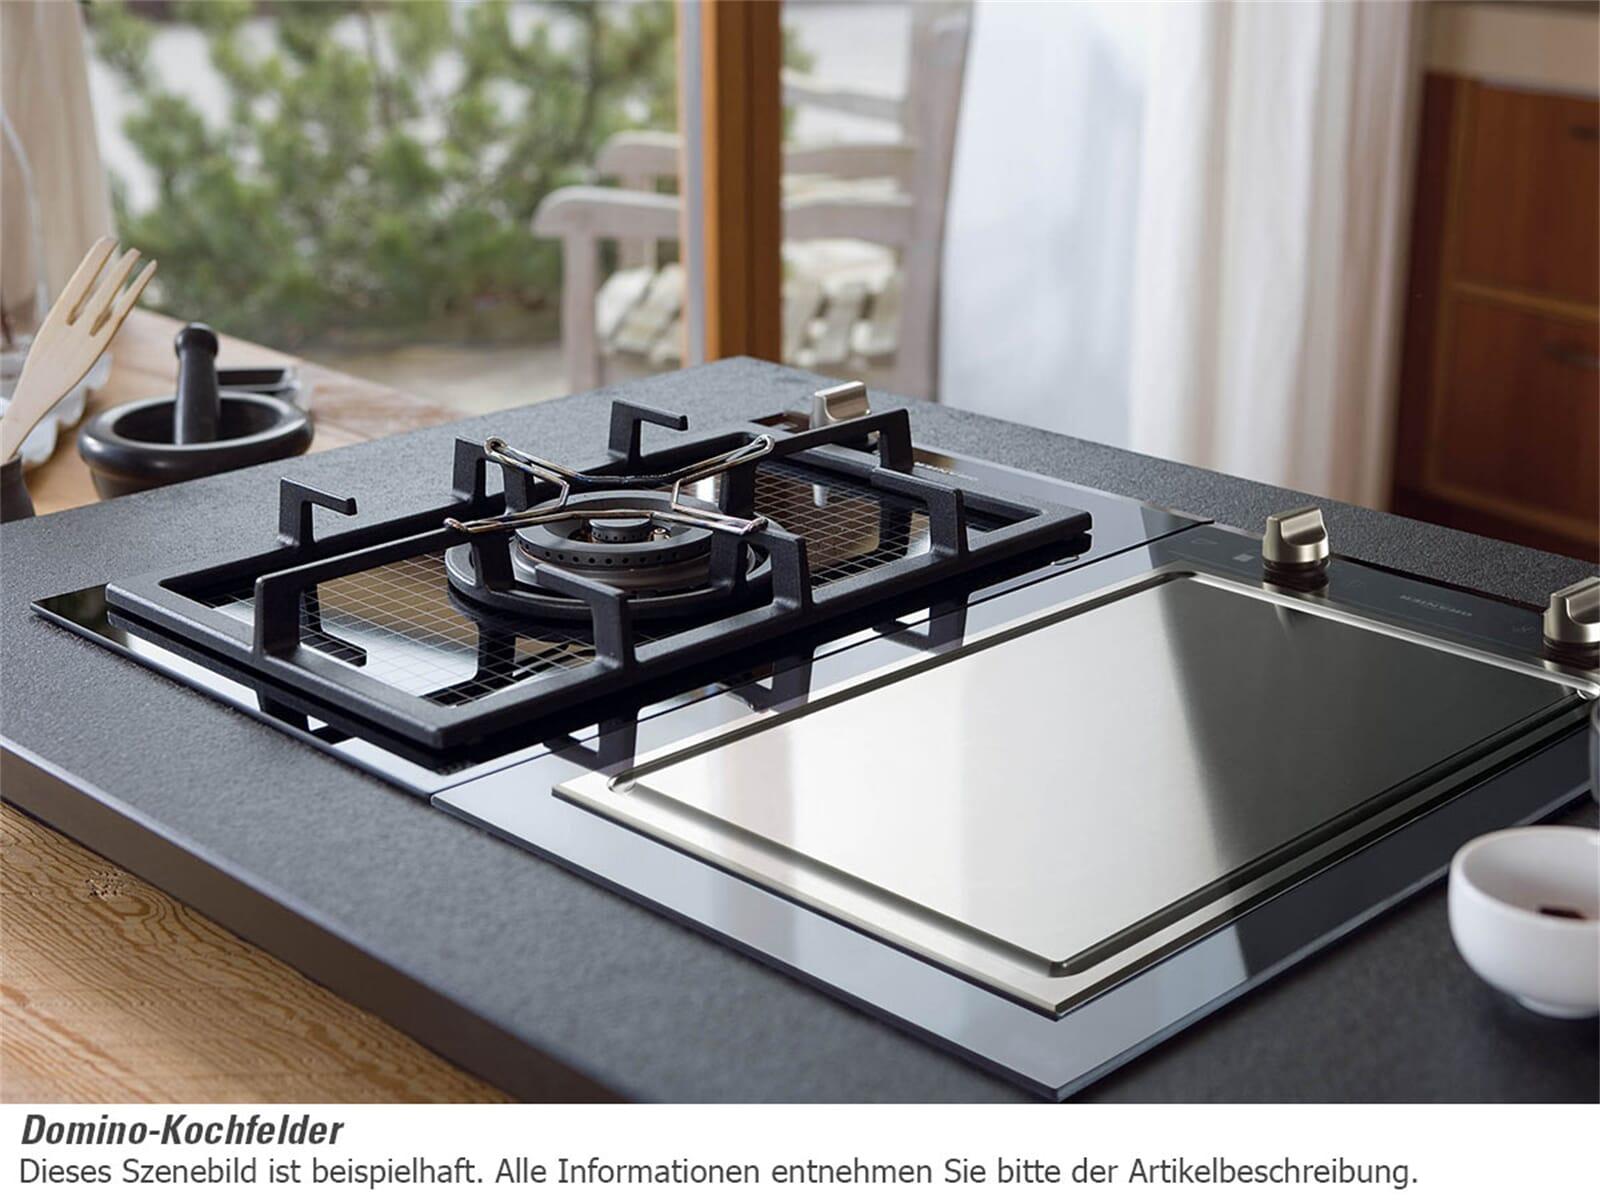 GroBartig Domino Kochfeld Teppan Yaki Edelstahl Autark 40cm Einbau